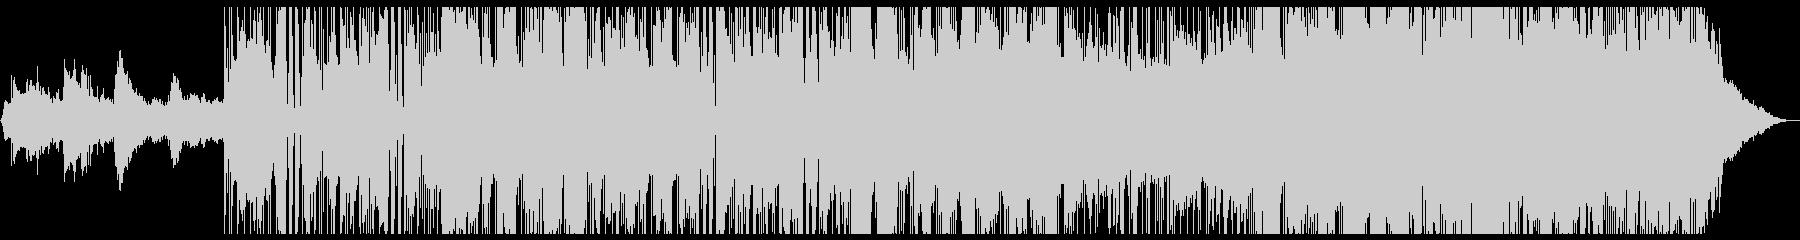 ジャジーなPOPバラッド (日米録音)の未再生の波形